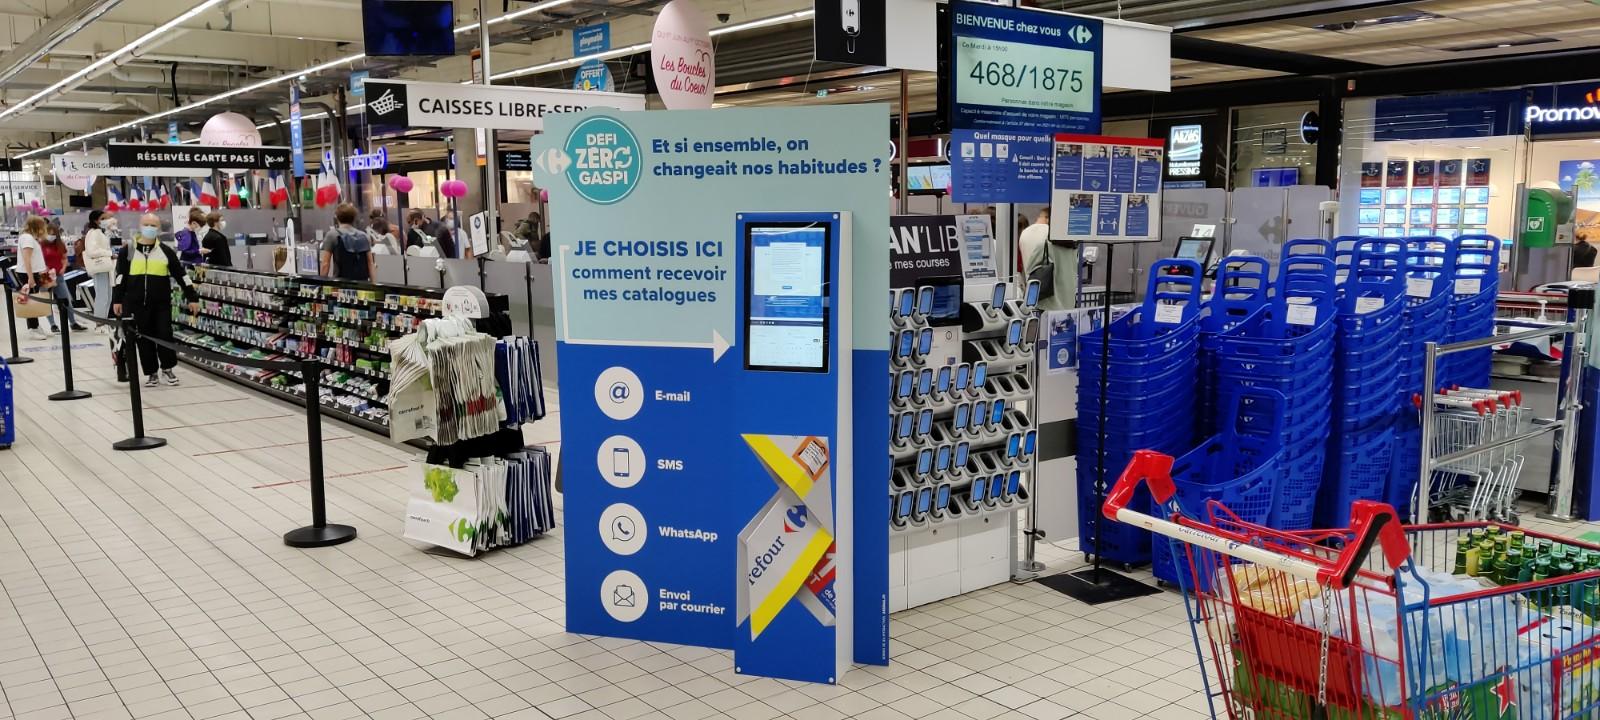 Carrefour et le zéro prospectus